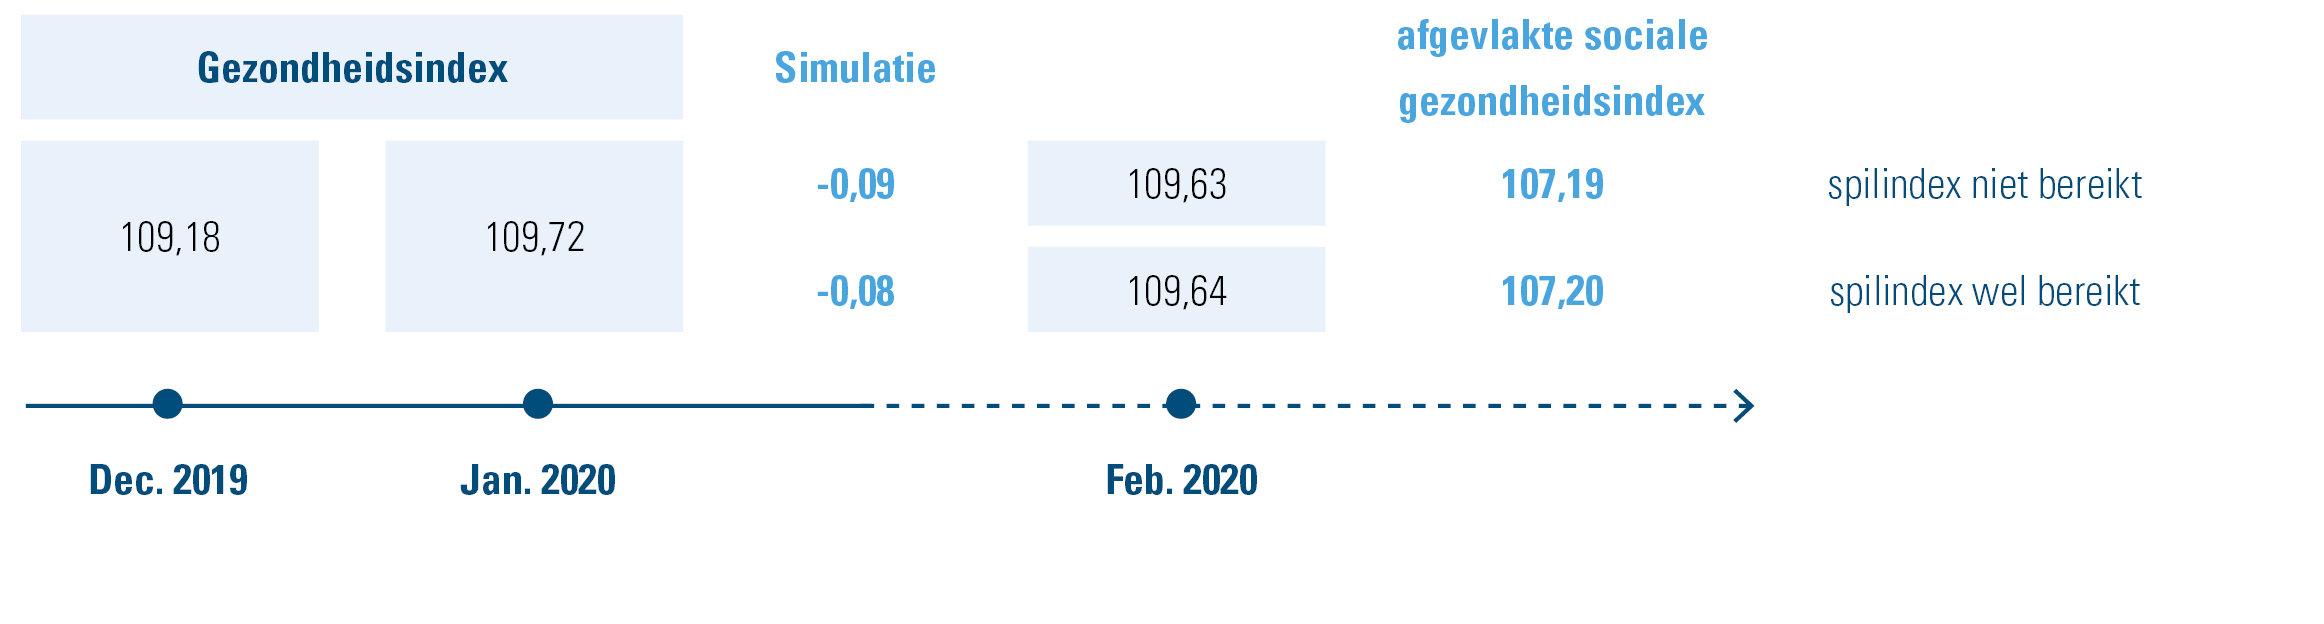 Simulatie spilindex op basis van de gezondheidsindex van januari 2020 en de daarvan afgeleide afgevlakte sociale gezondheidsindex